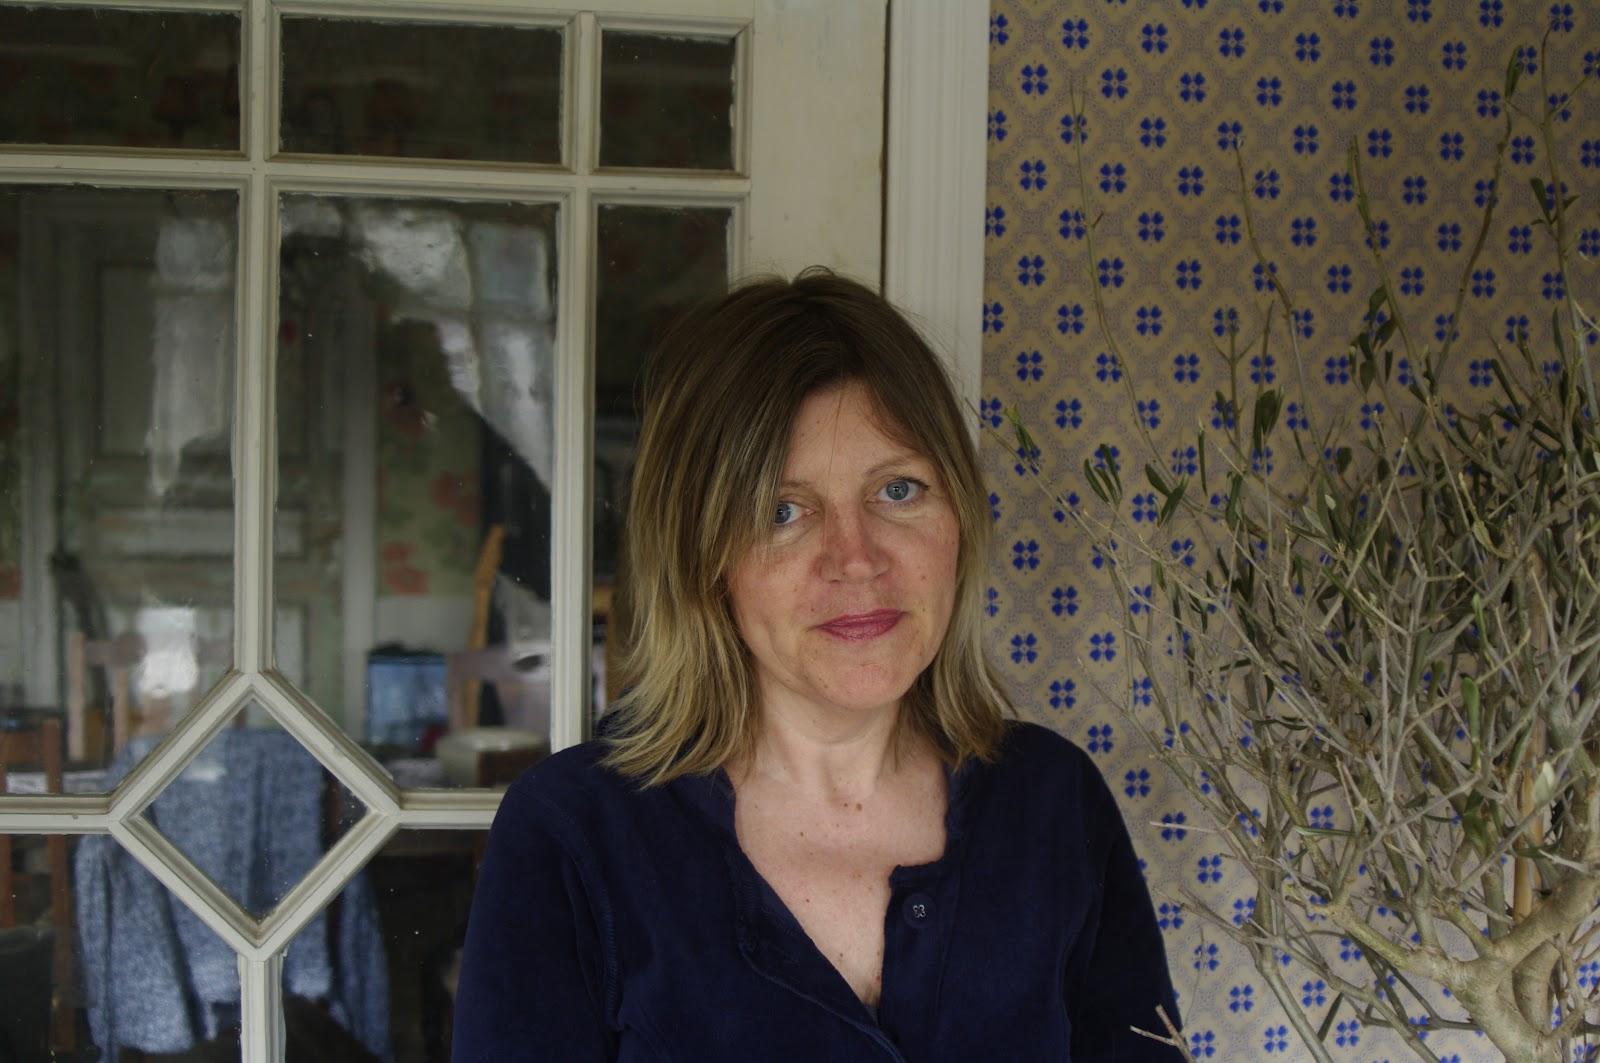 Syster grön  trädgårdsdesign, rådgivning och skötsel: om syster grön